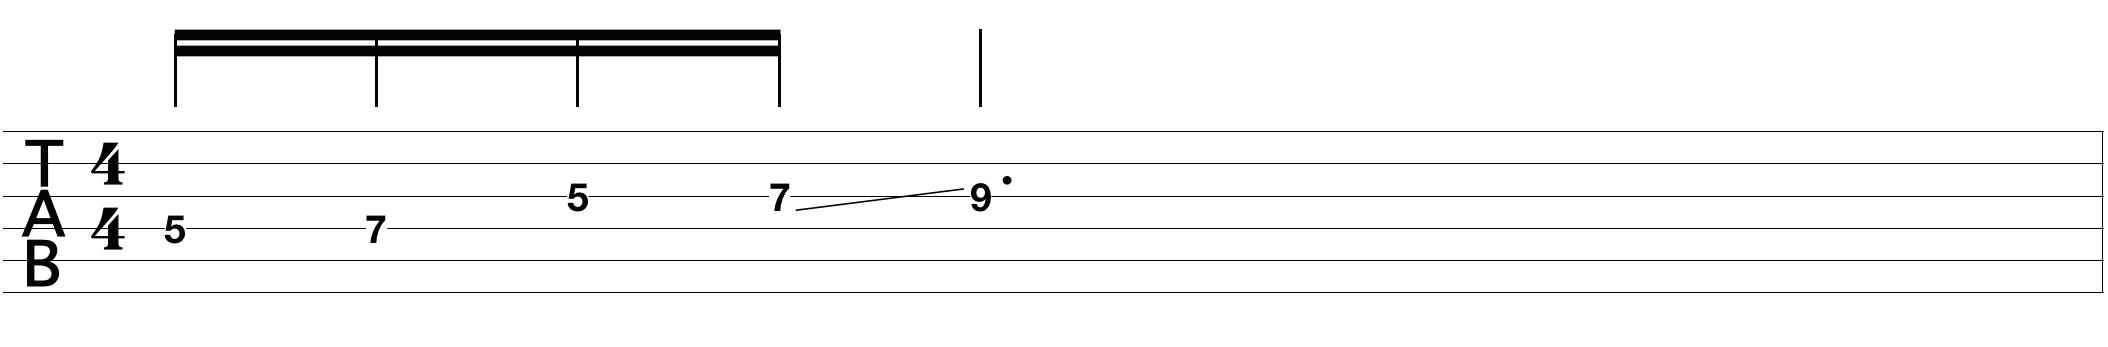 slide-guitar-tips_1.png